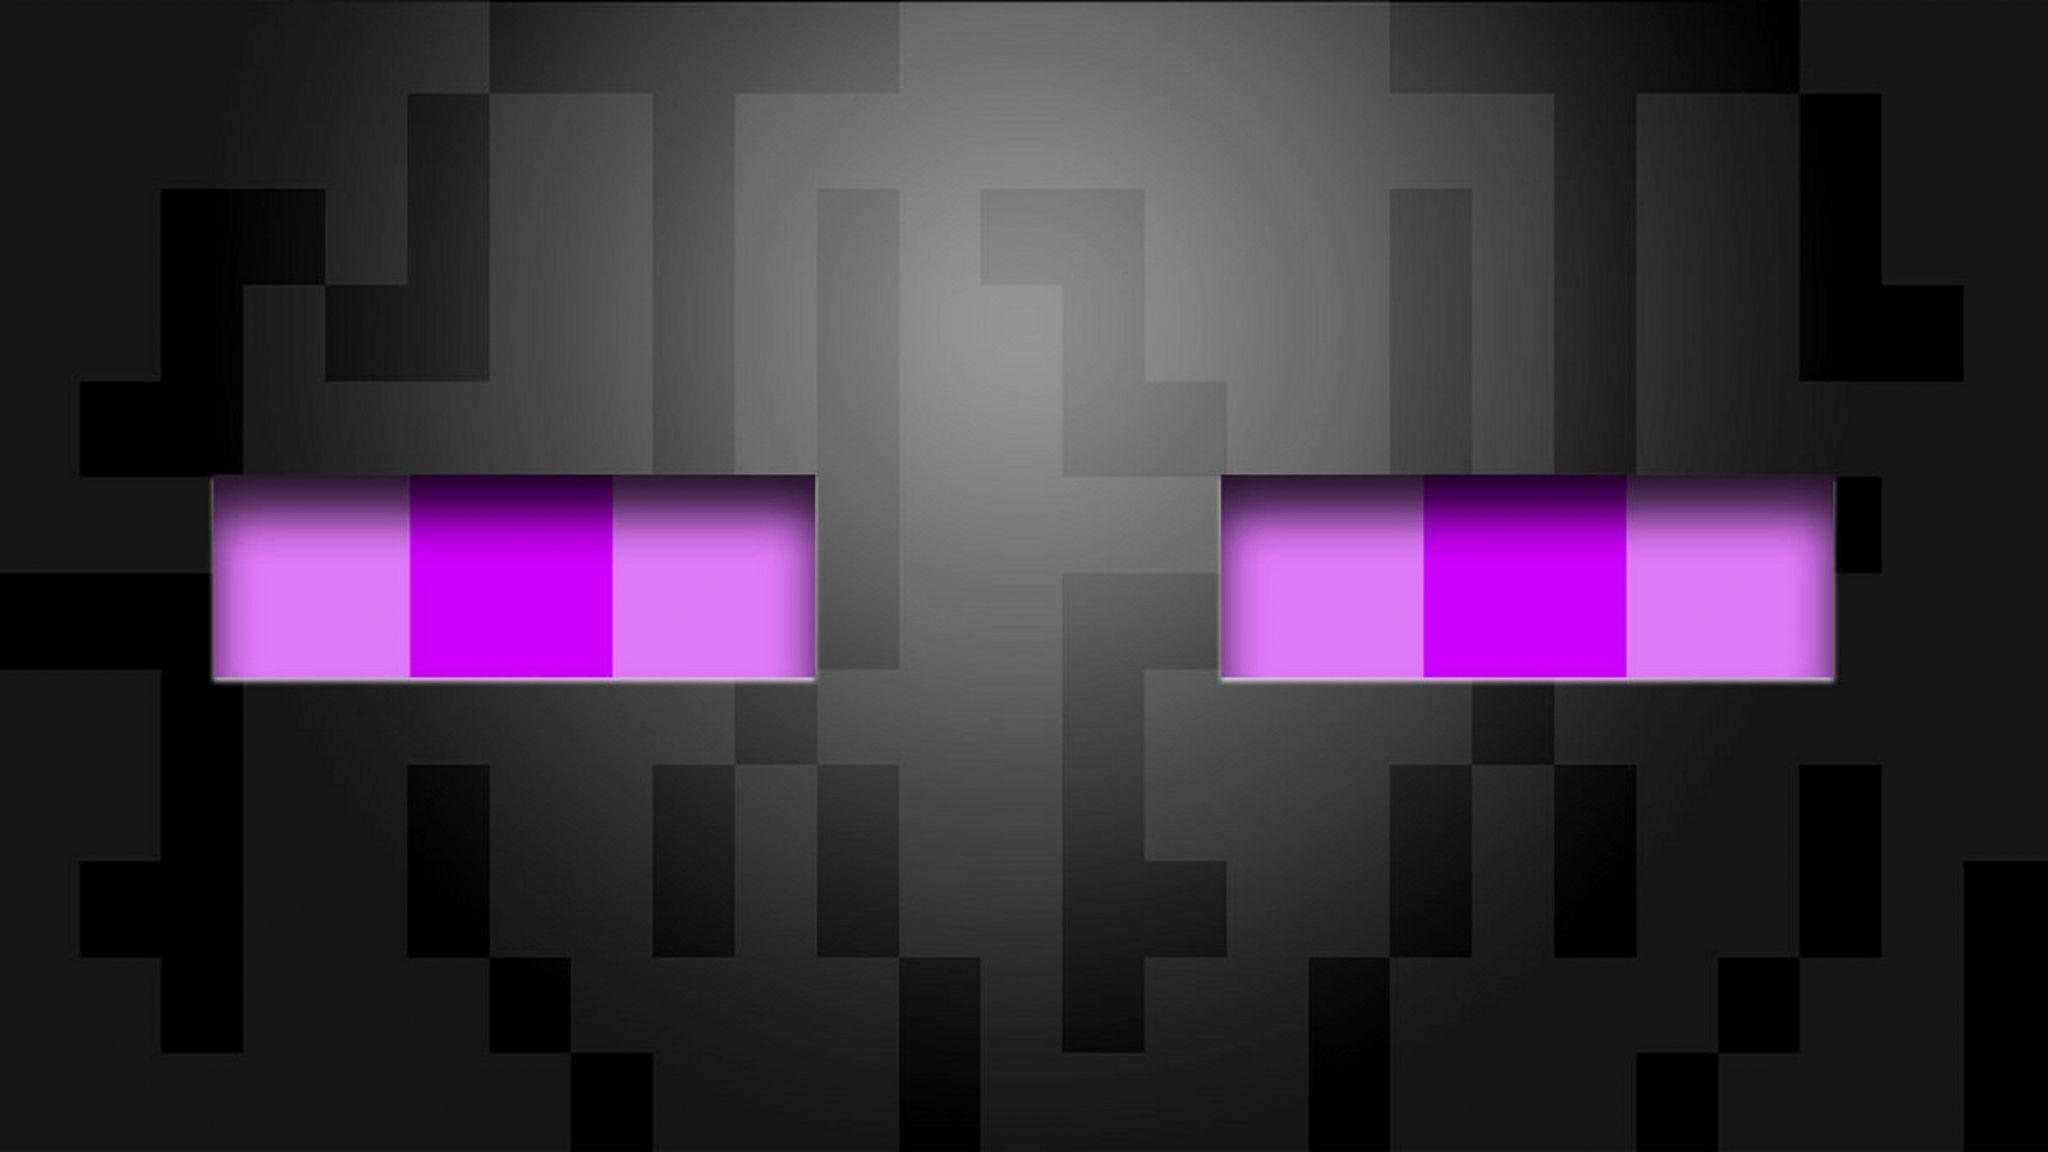 Simple Wallpaper Minecraft Ipod Touch - 9a1e5ed931d3019d4b17c84067352ffd  Photograph_105156.jpg